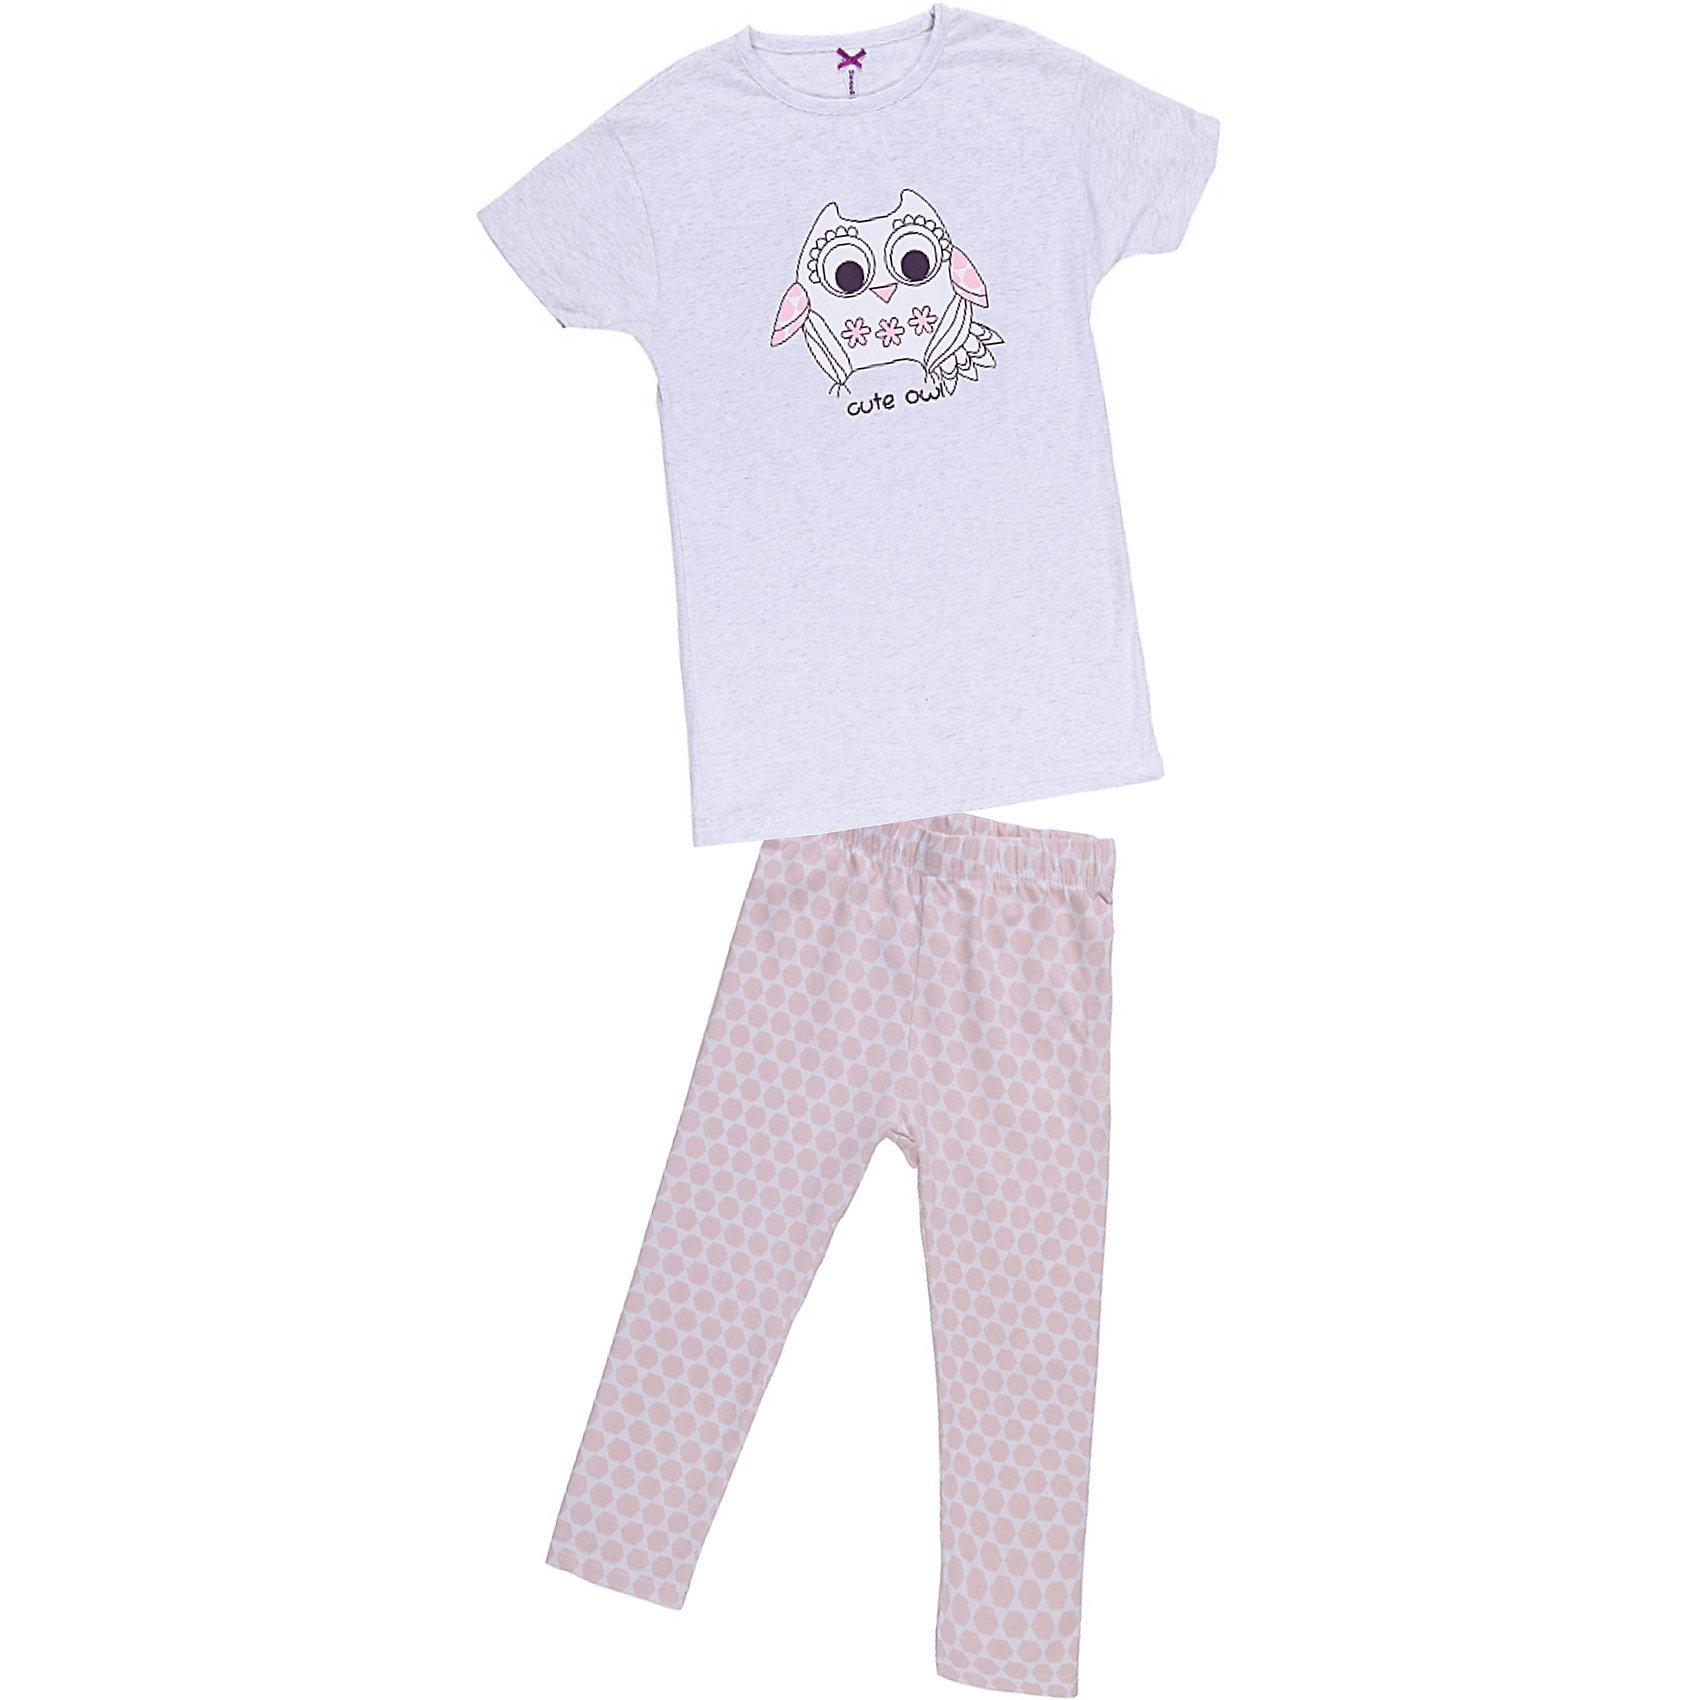 Комплект для девочки: футболка и леггинсы Sweet BerryПижамы и сорочки<br>Удлиненная футболка с лосинами. Футболка украшена принтом. Состав: 95% хлопок, 5% эластан<br><br>Ширина мм: 281<br>Глубина мм: 70<br>Высота мм: 188<br>Вес г: 295<br>Цвет: розовый<br>Возраст от месяцев: 36<br>Возраст до месяцев: 48<br>Пол: Женский<br>Возраст: Детский<br>Размер: 104,116,110,128,98,140,134,122<br>SKU: 4632927